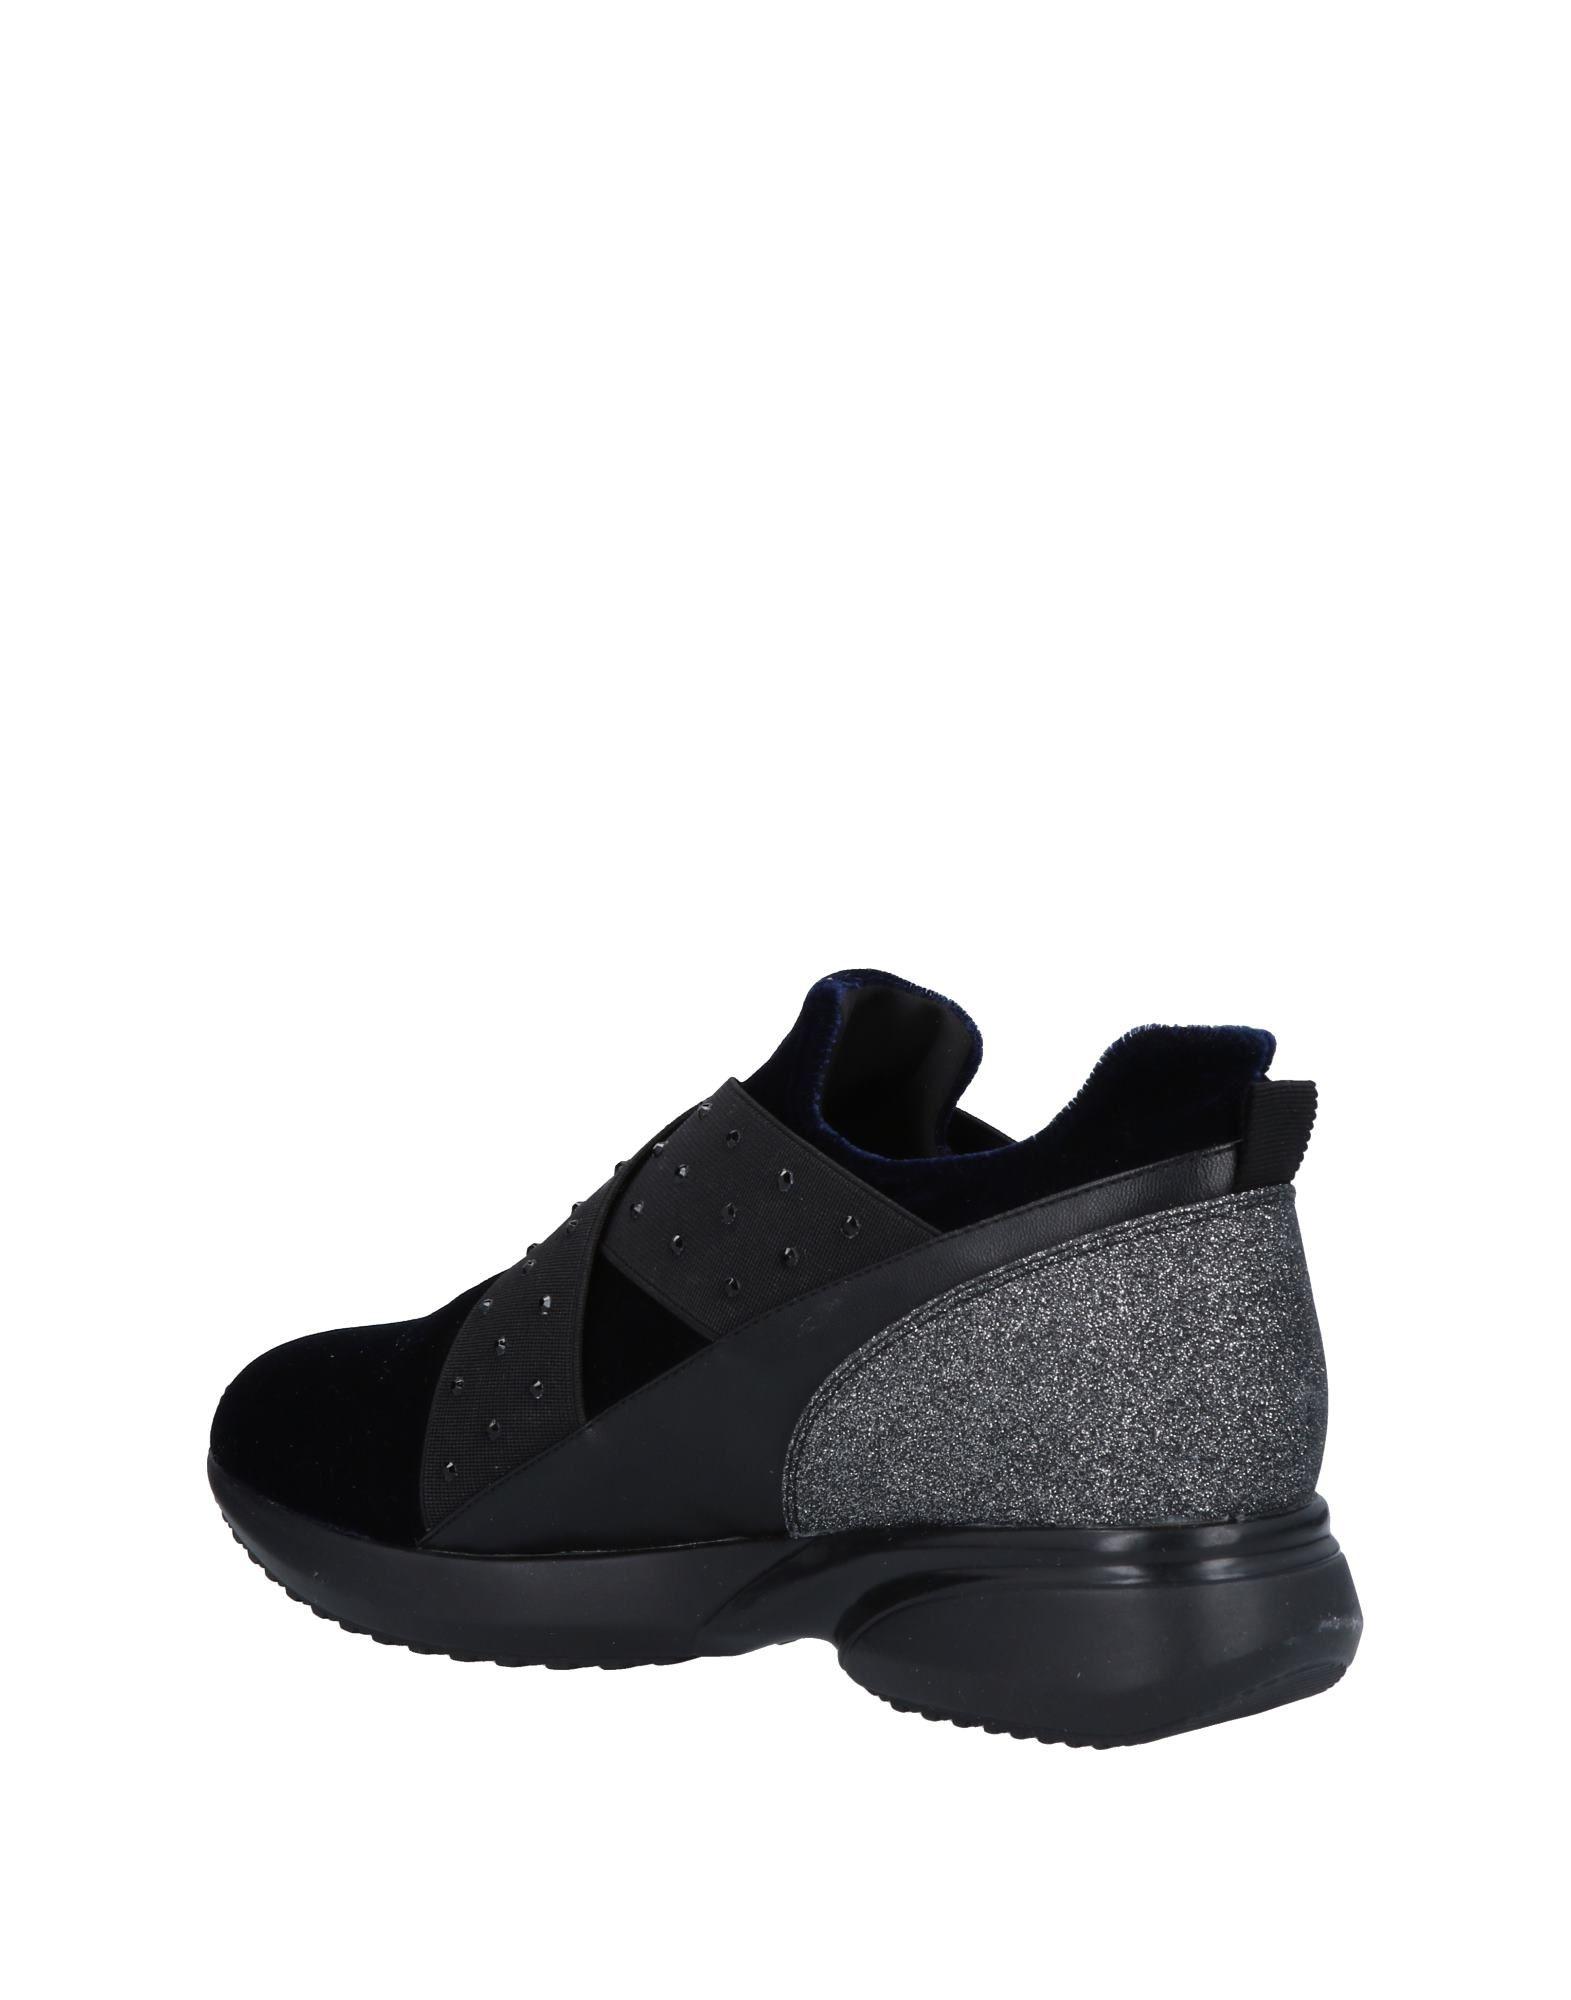 Cafènoir Sneakers Damen  11478286KE Gute Qualität beliebte Schuhe Schuhe beliebte 9a5545